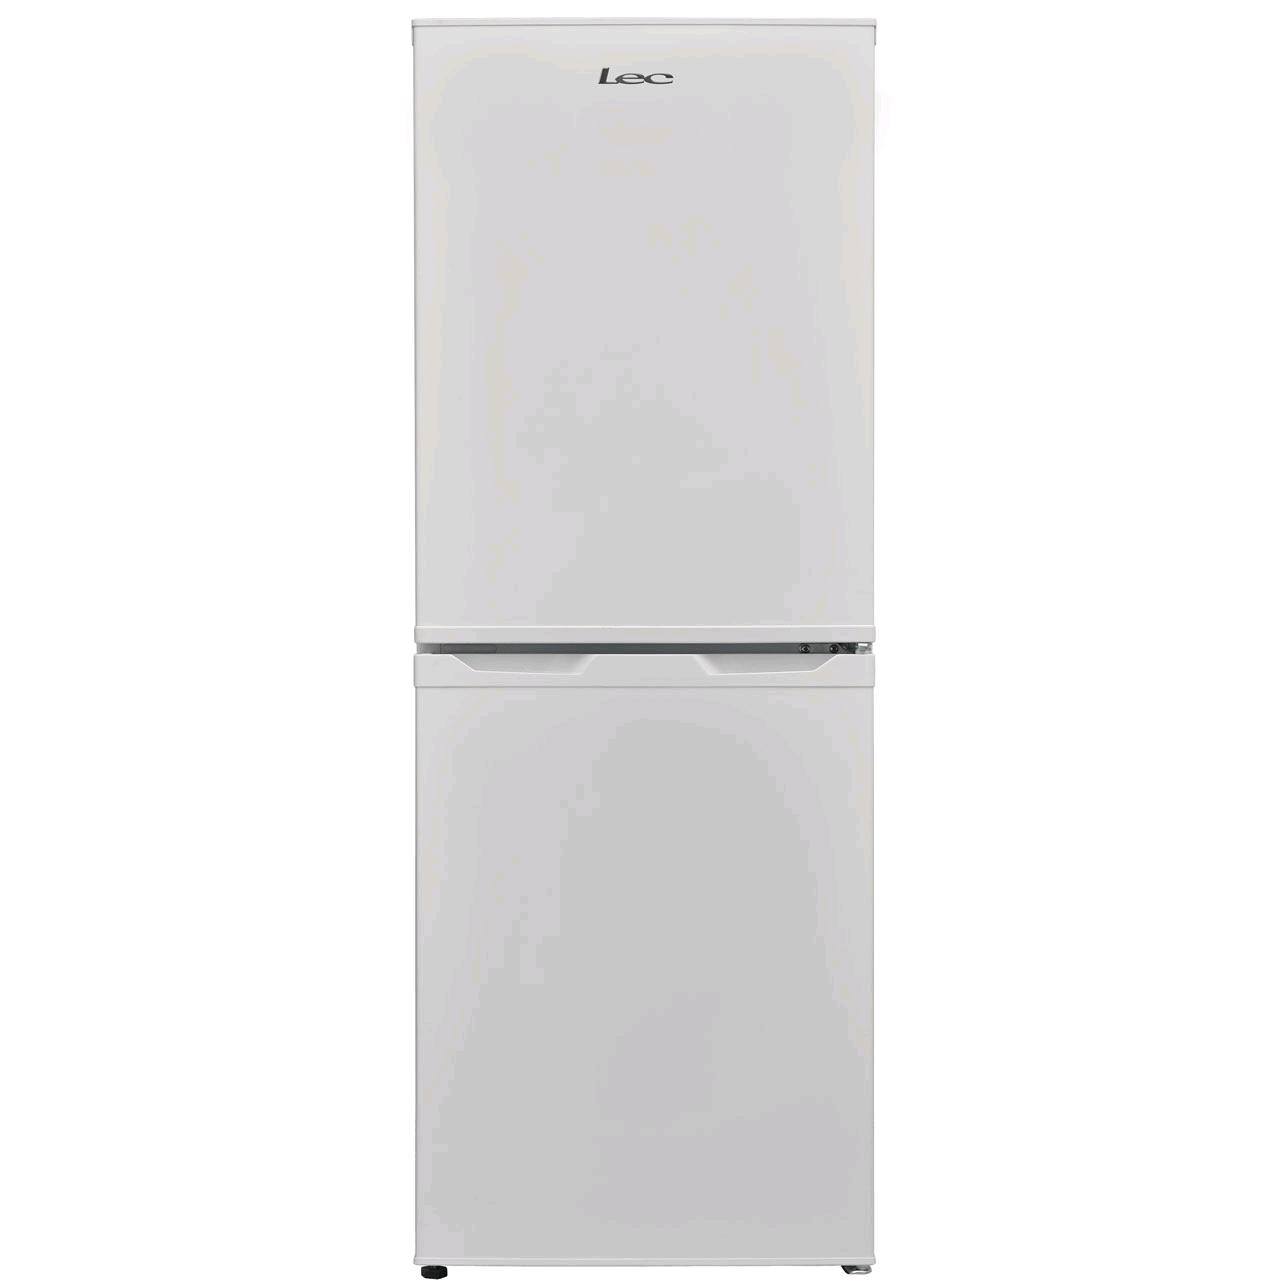 LEC Frost Free Fridge Freezer H152 W54 D61 White